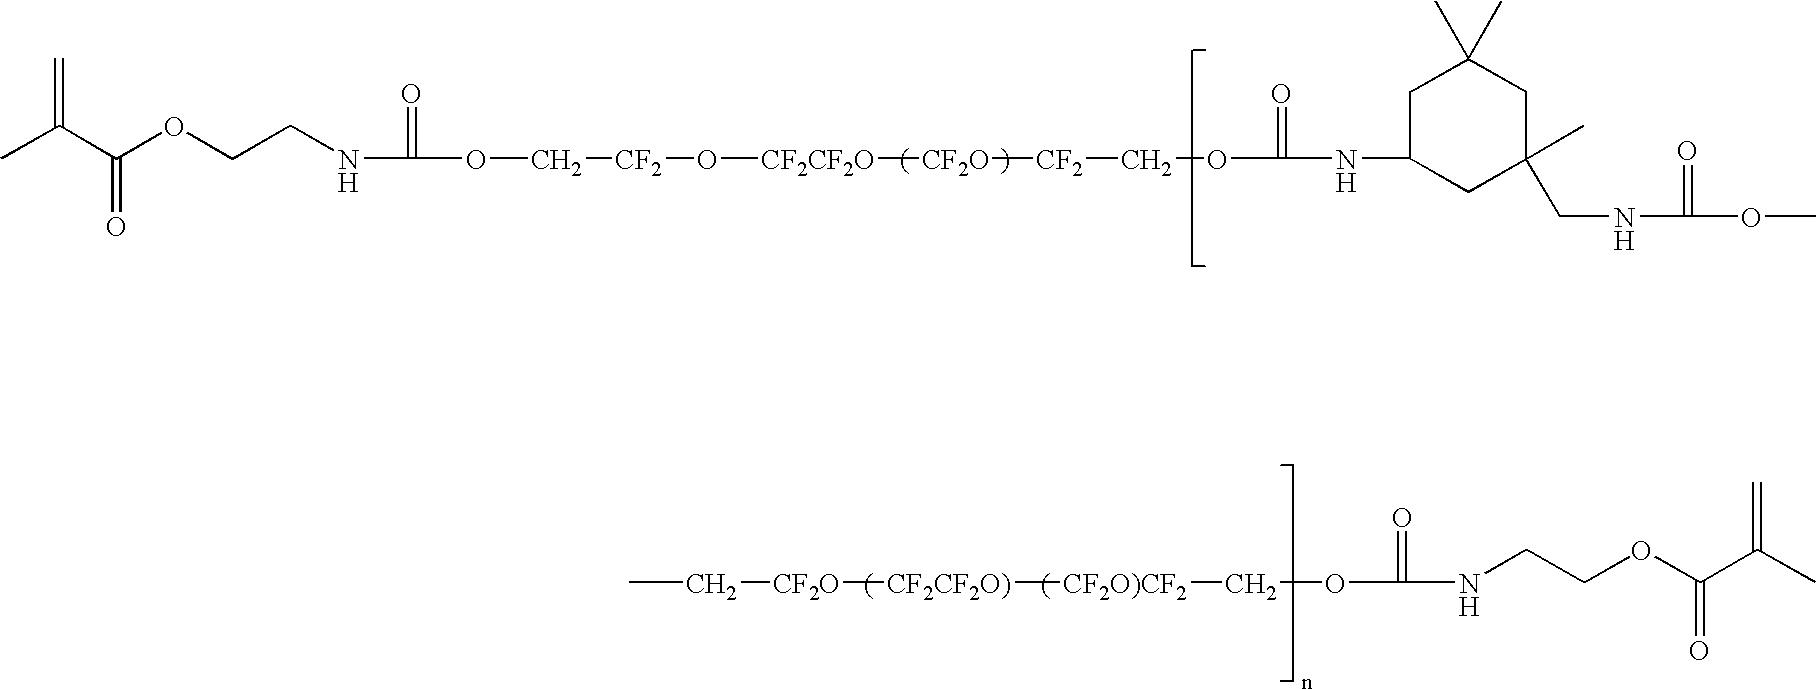 Figure US20070275193A1-20071129-C00035